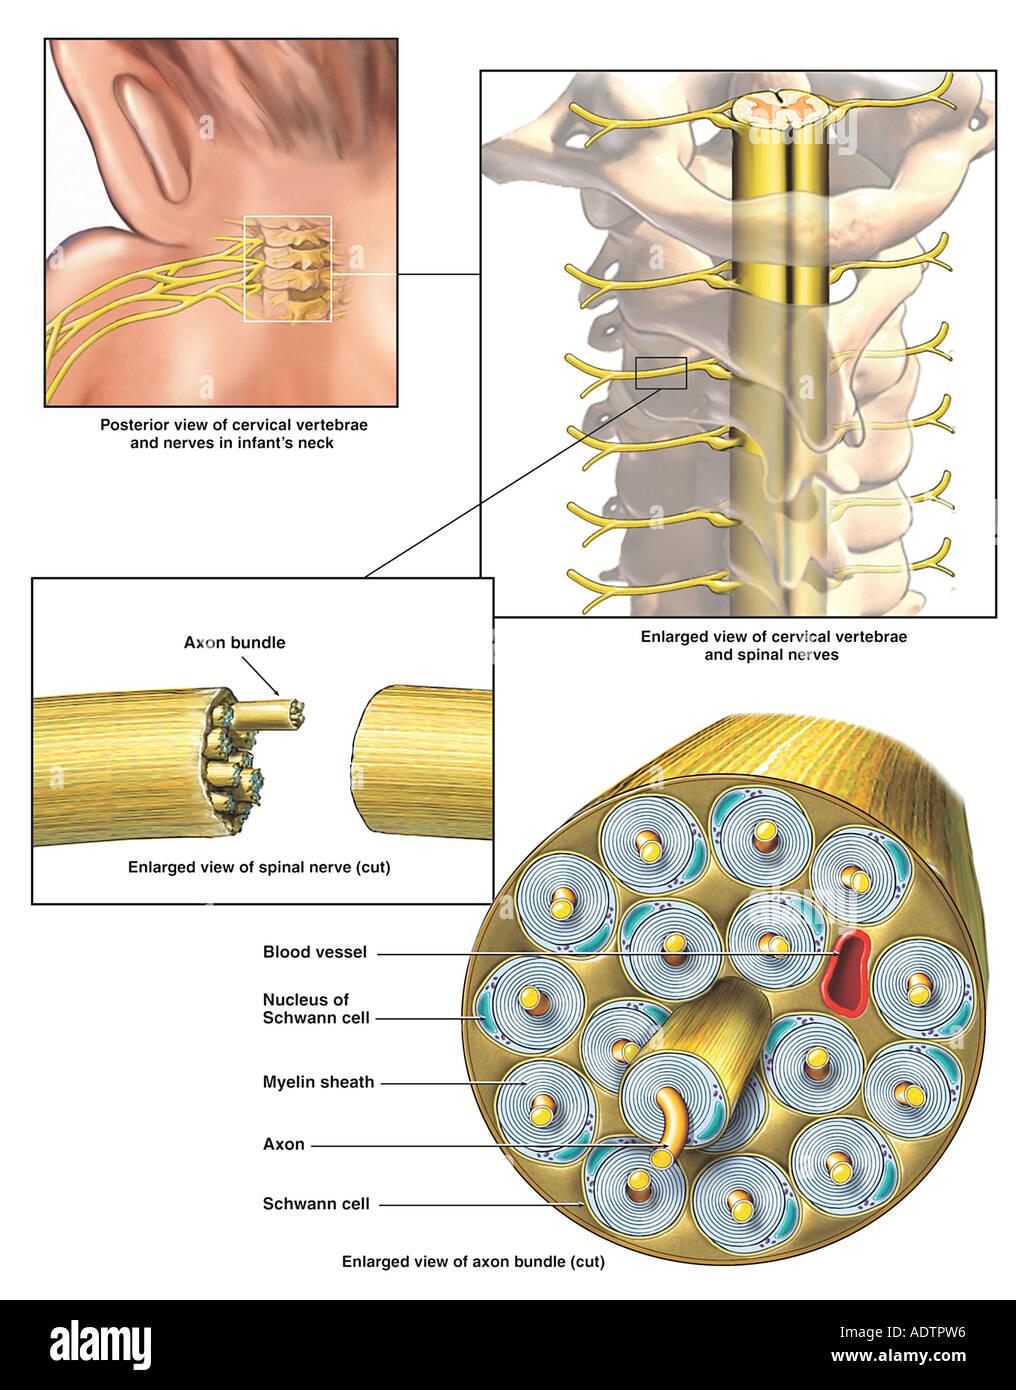 Anatomie der Spinalnerven in den Plexus brachialis Stockfoto, Bild ...